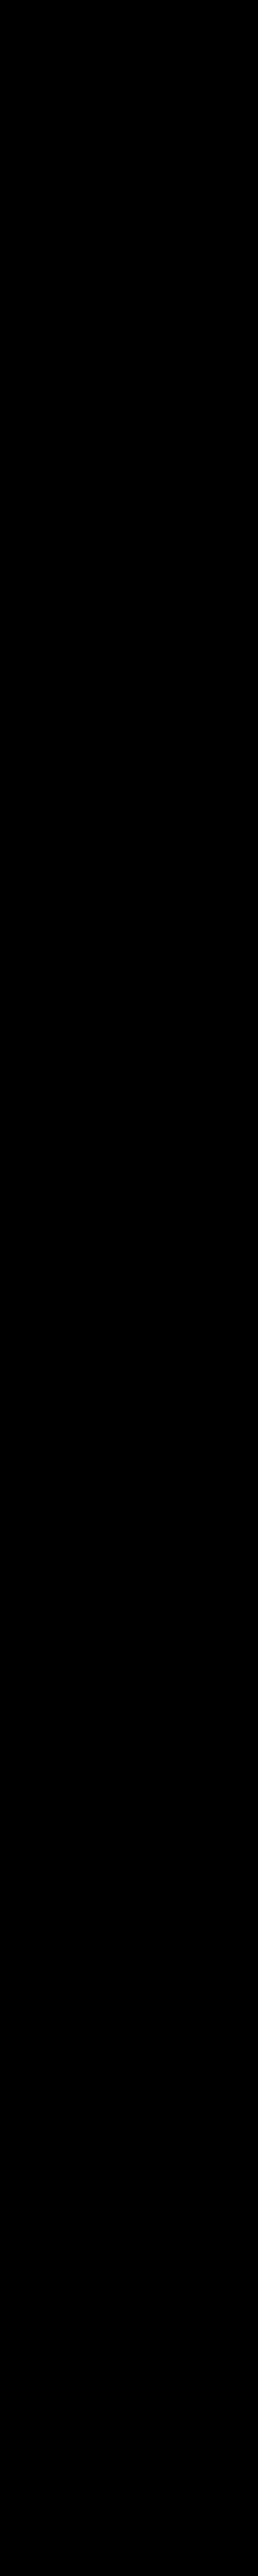 Lachlan (sans version)